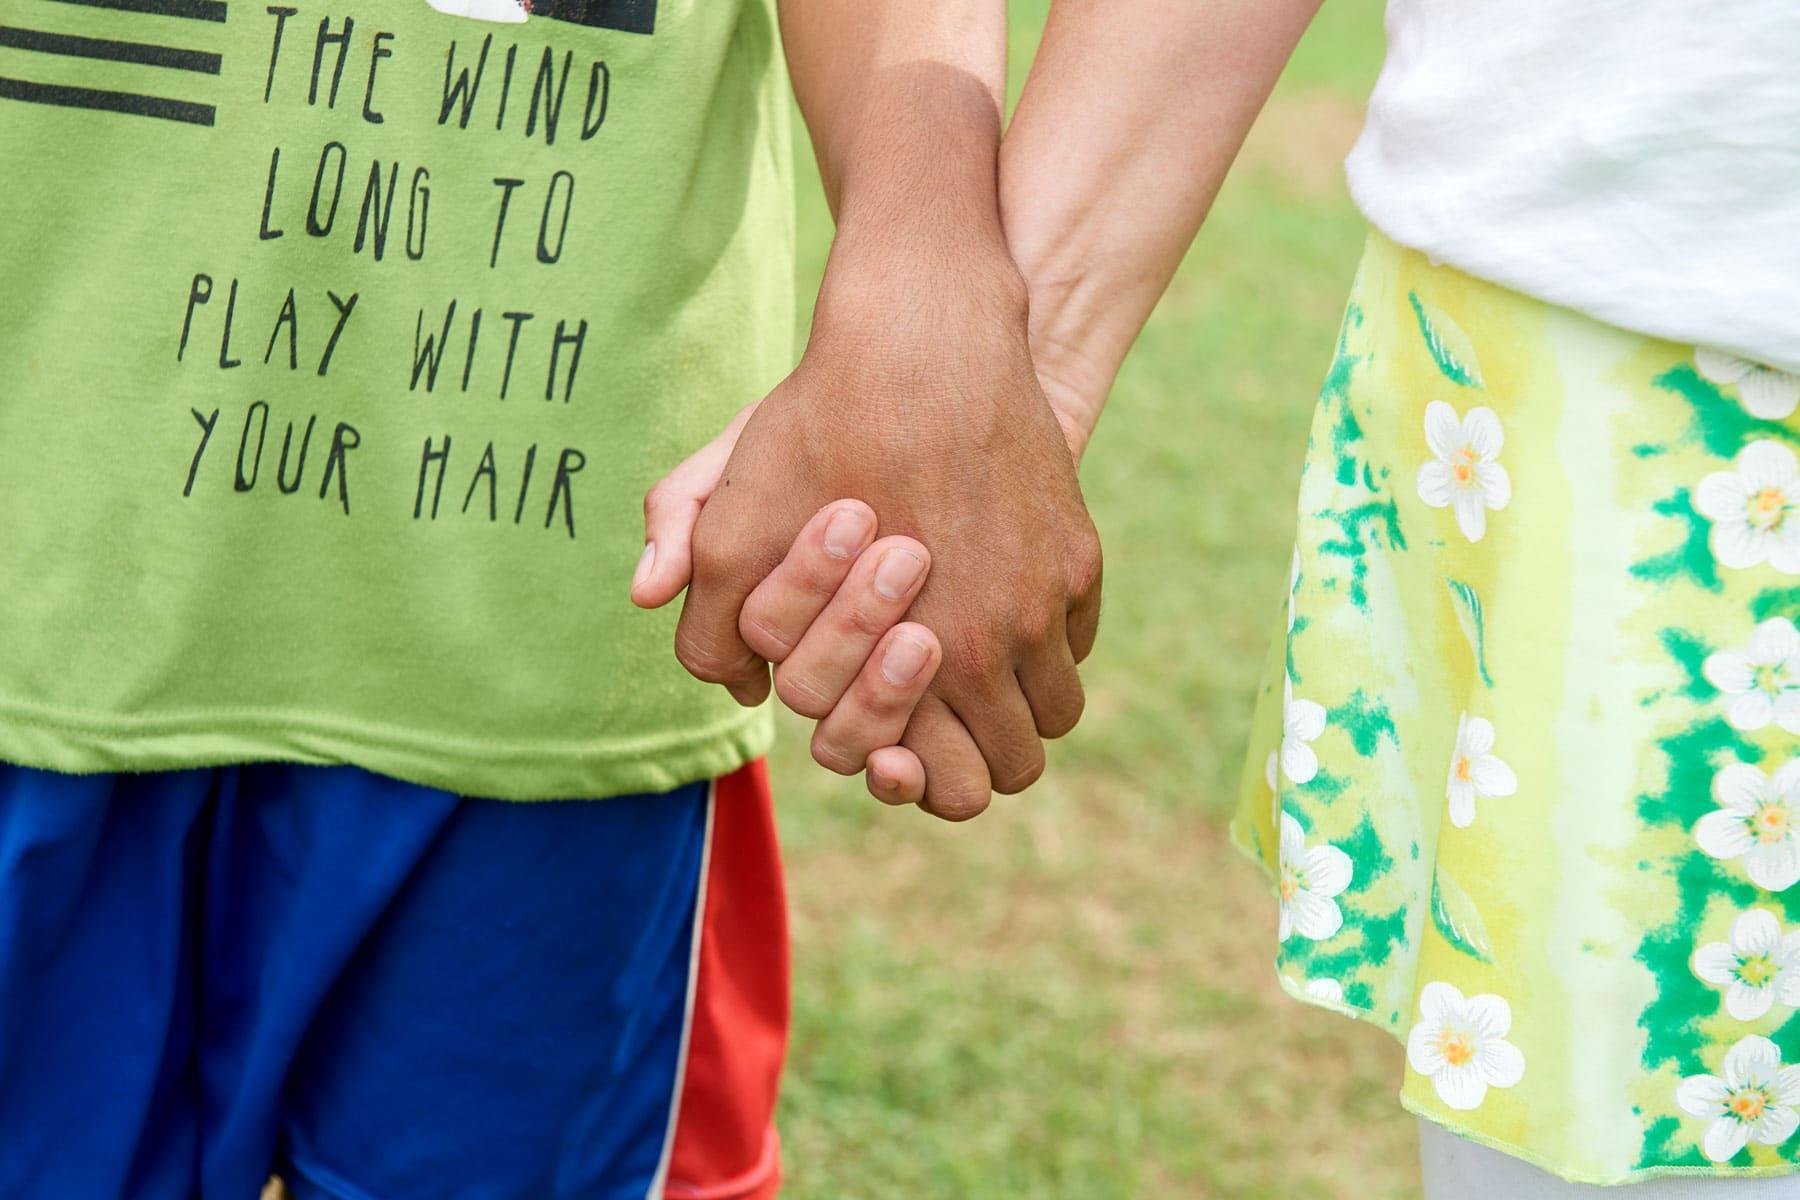 Das Foto zeigt, wie sich ein weißes und ein braunes Kind wie sie sich die Hände geben